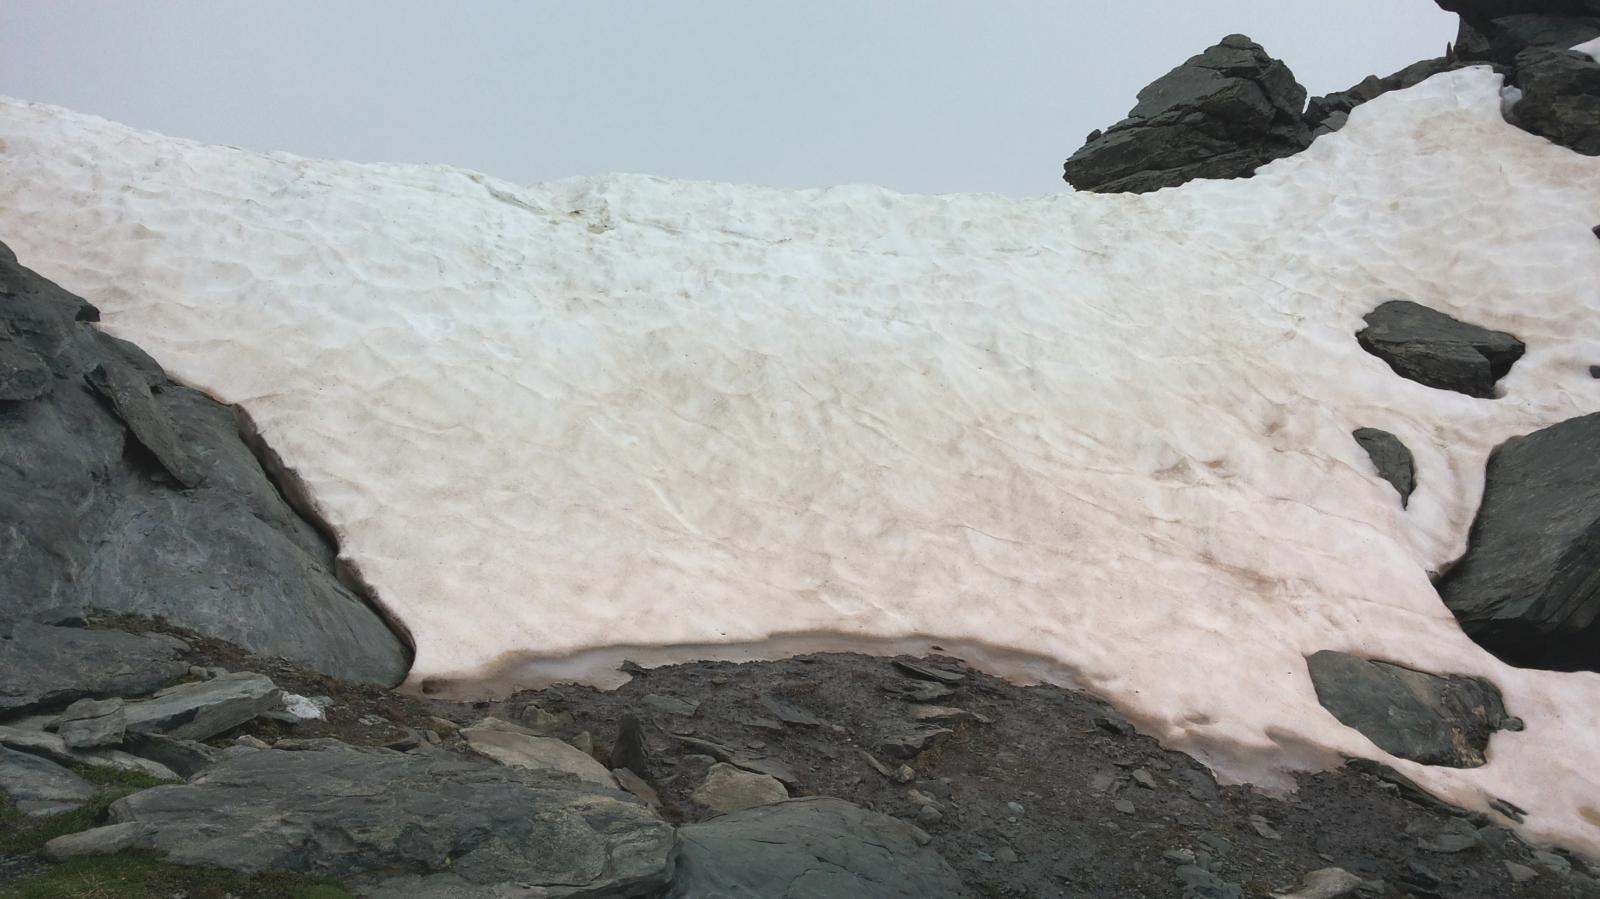 la cresta di neve sulla sella di passaggio verso Gressoney